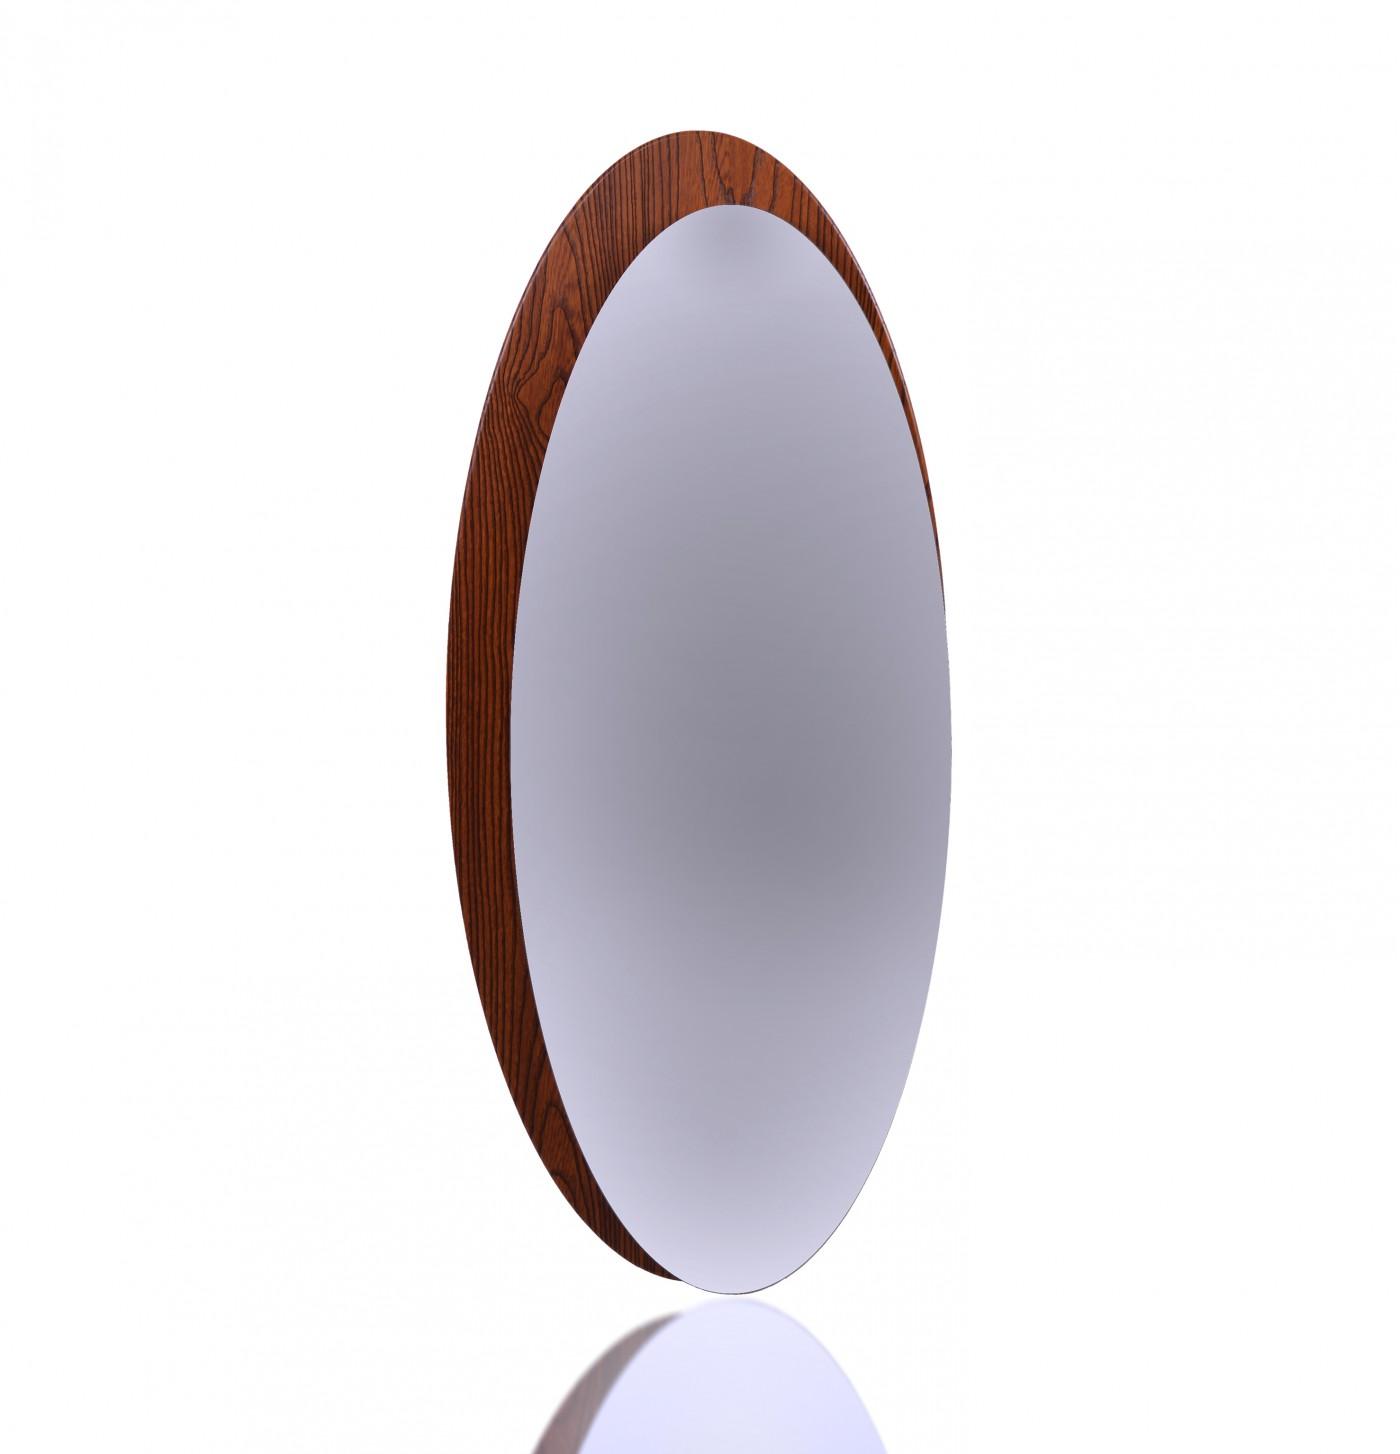 Oval Duvar Aynası